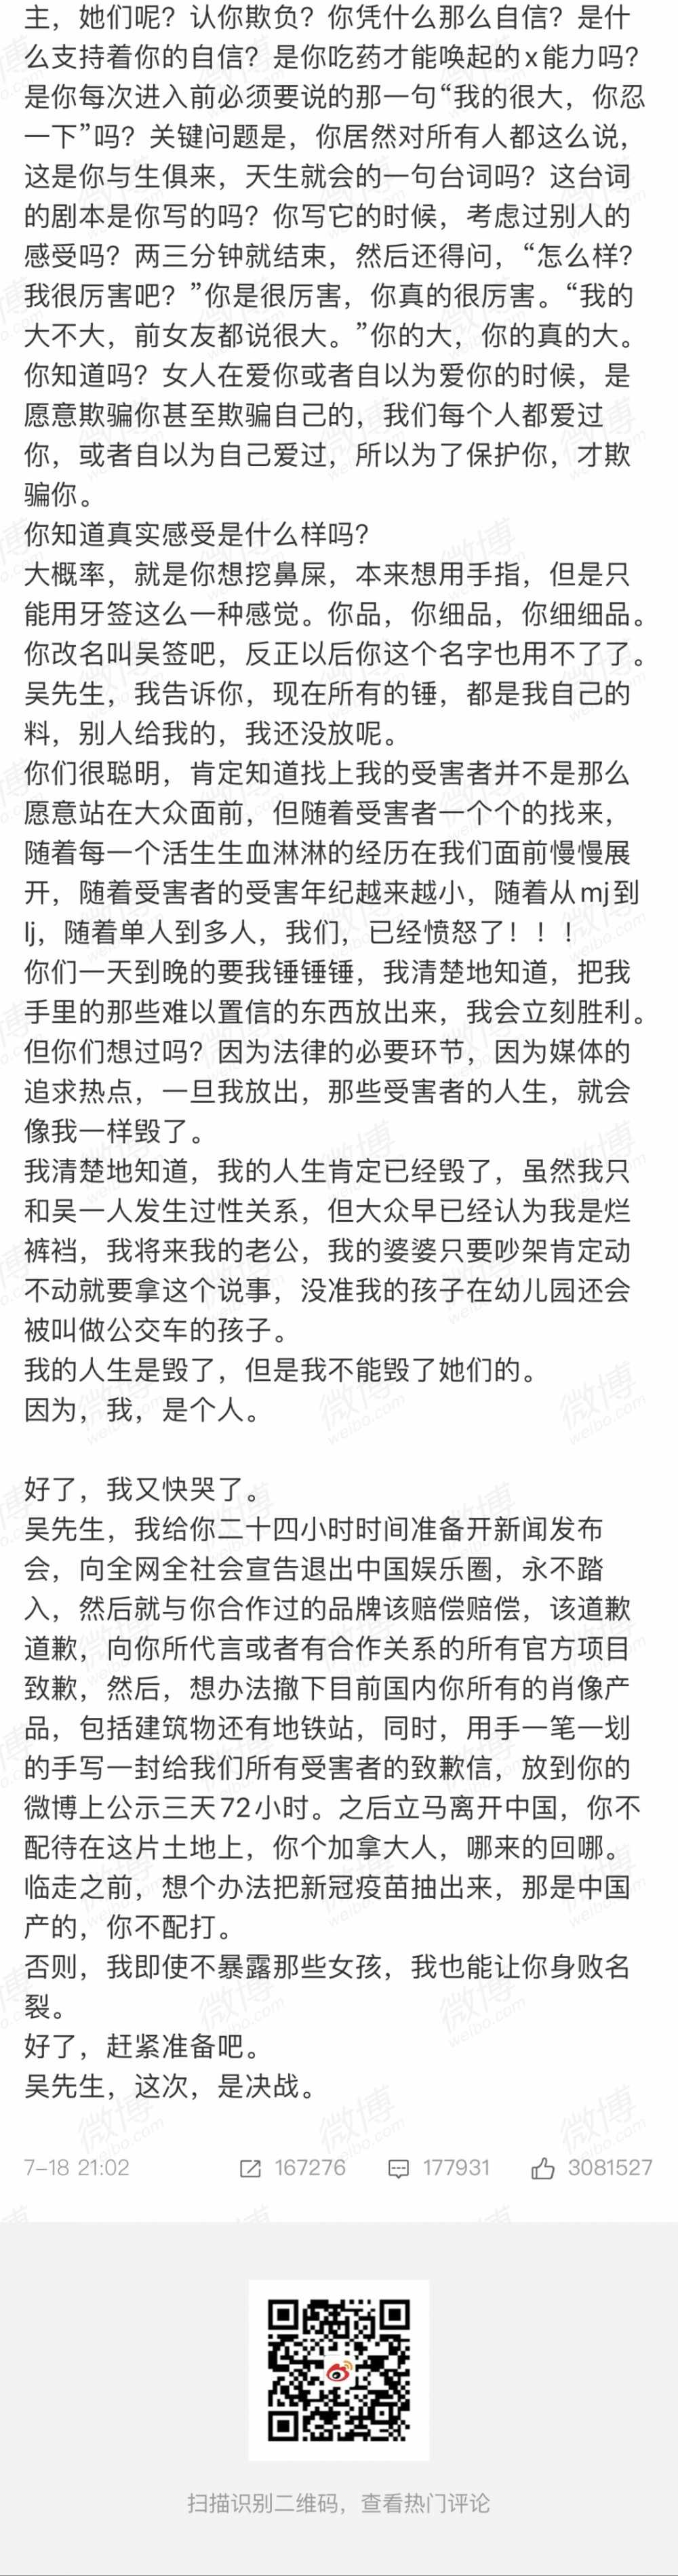 吴亦凡翻车,三百多万人在韩束直播间集体狂欢-第3张图片-周小辉博客